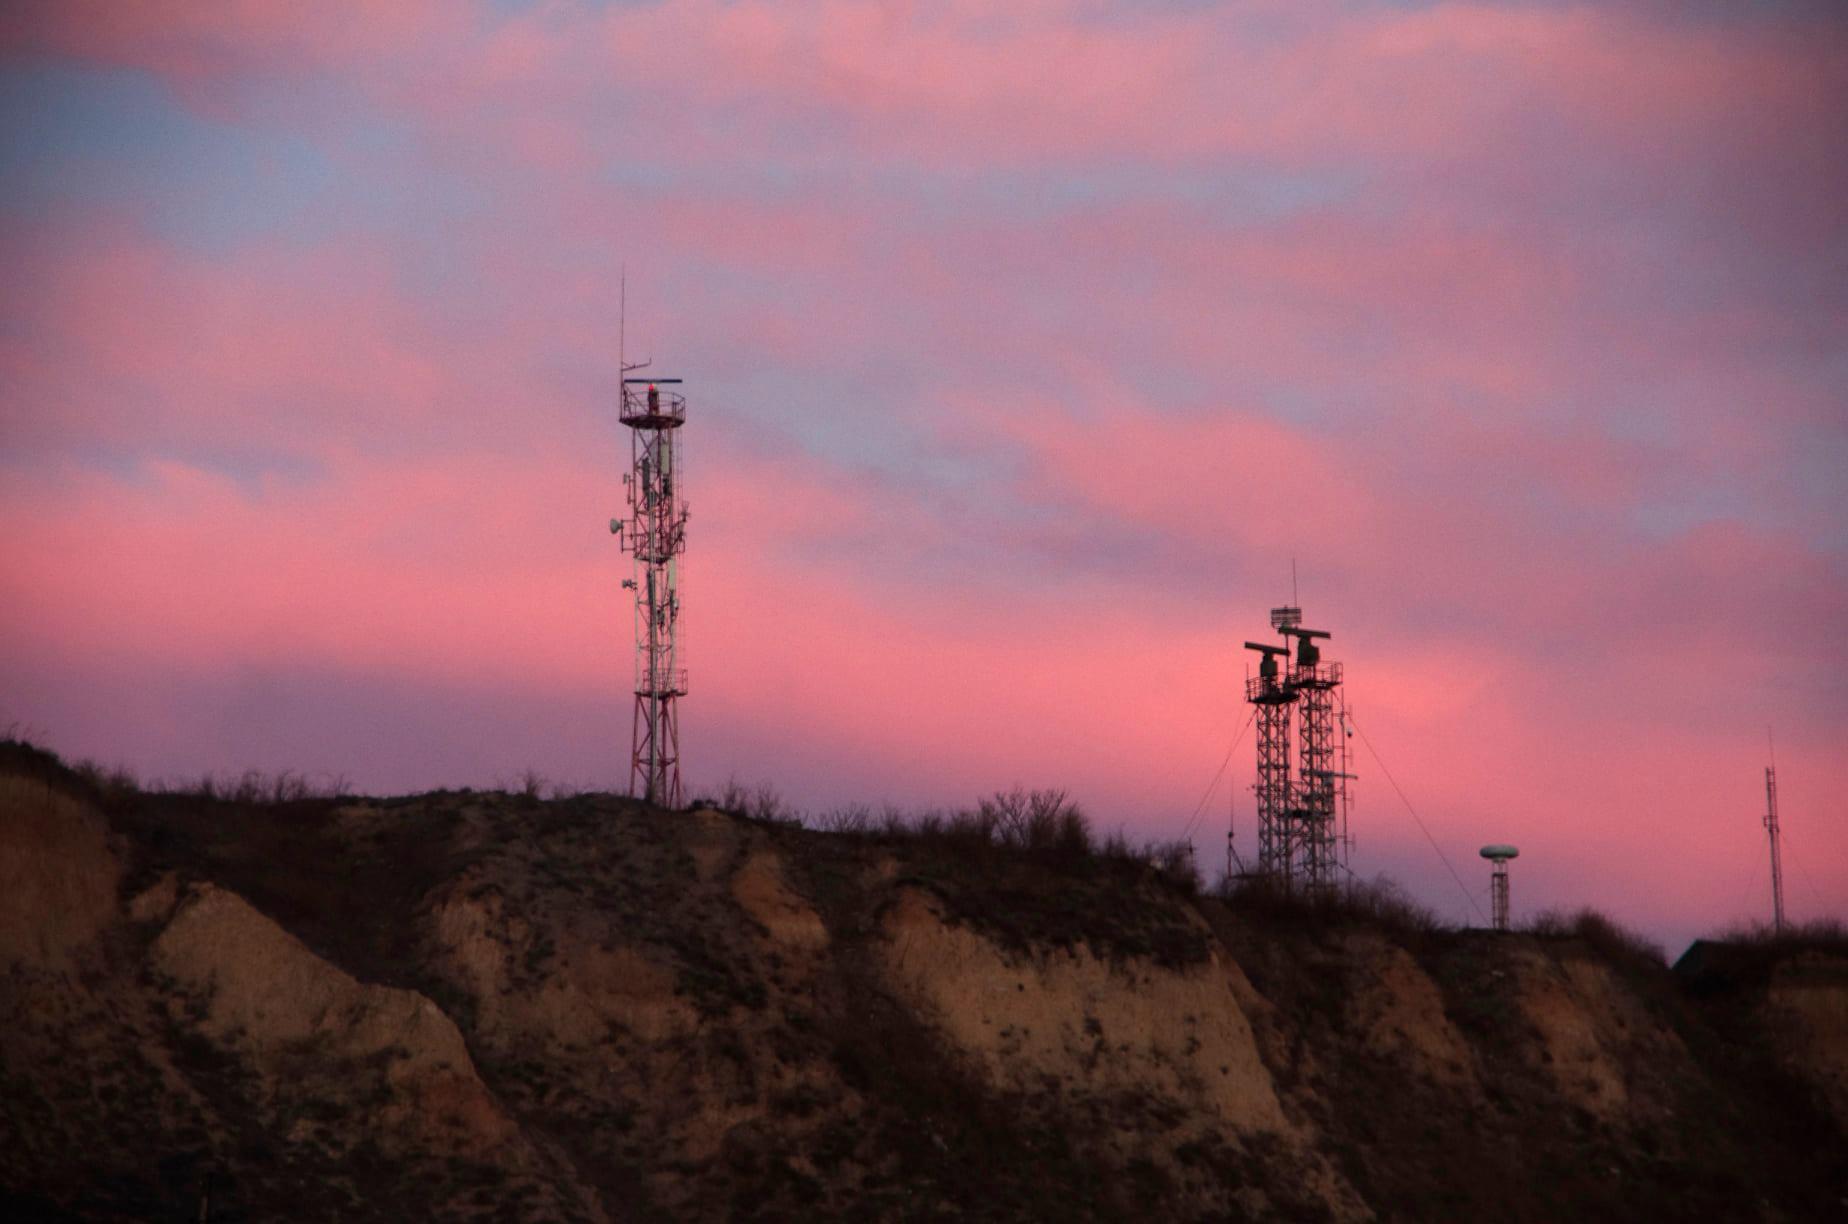 Пылающие небо: как выглядит заказ на побережье Одессы. Фото Лолиты Клочковой